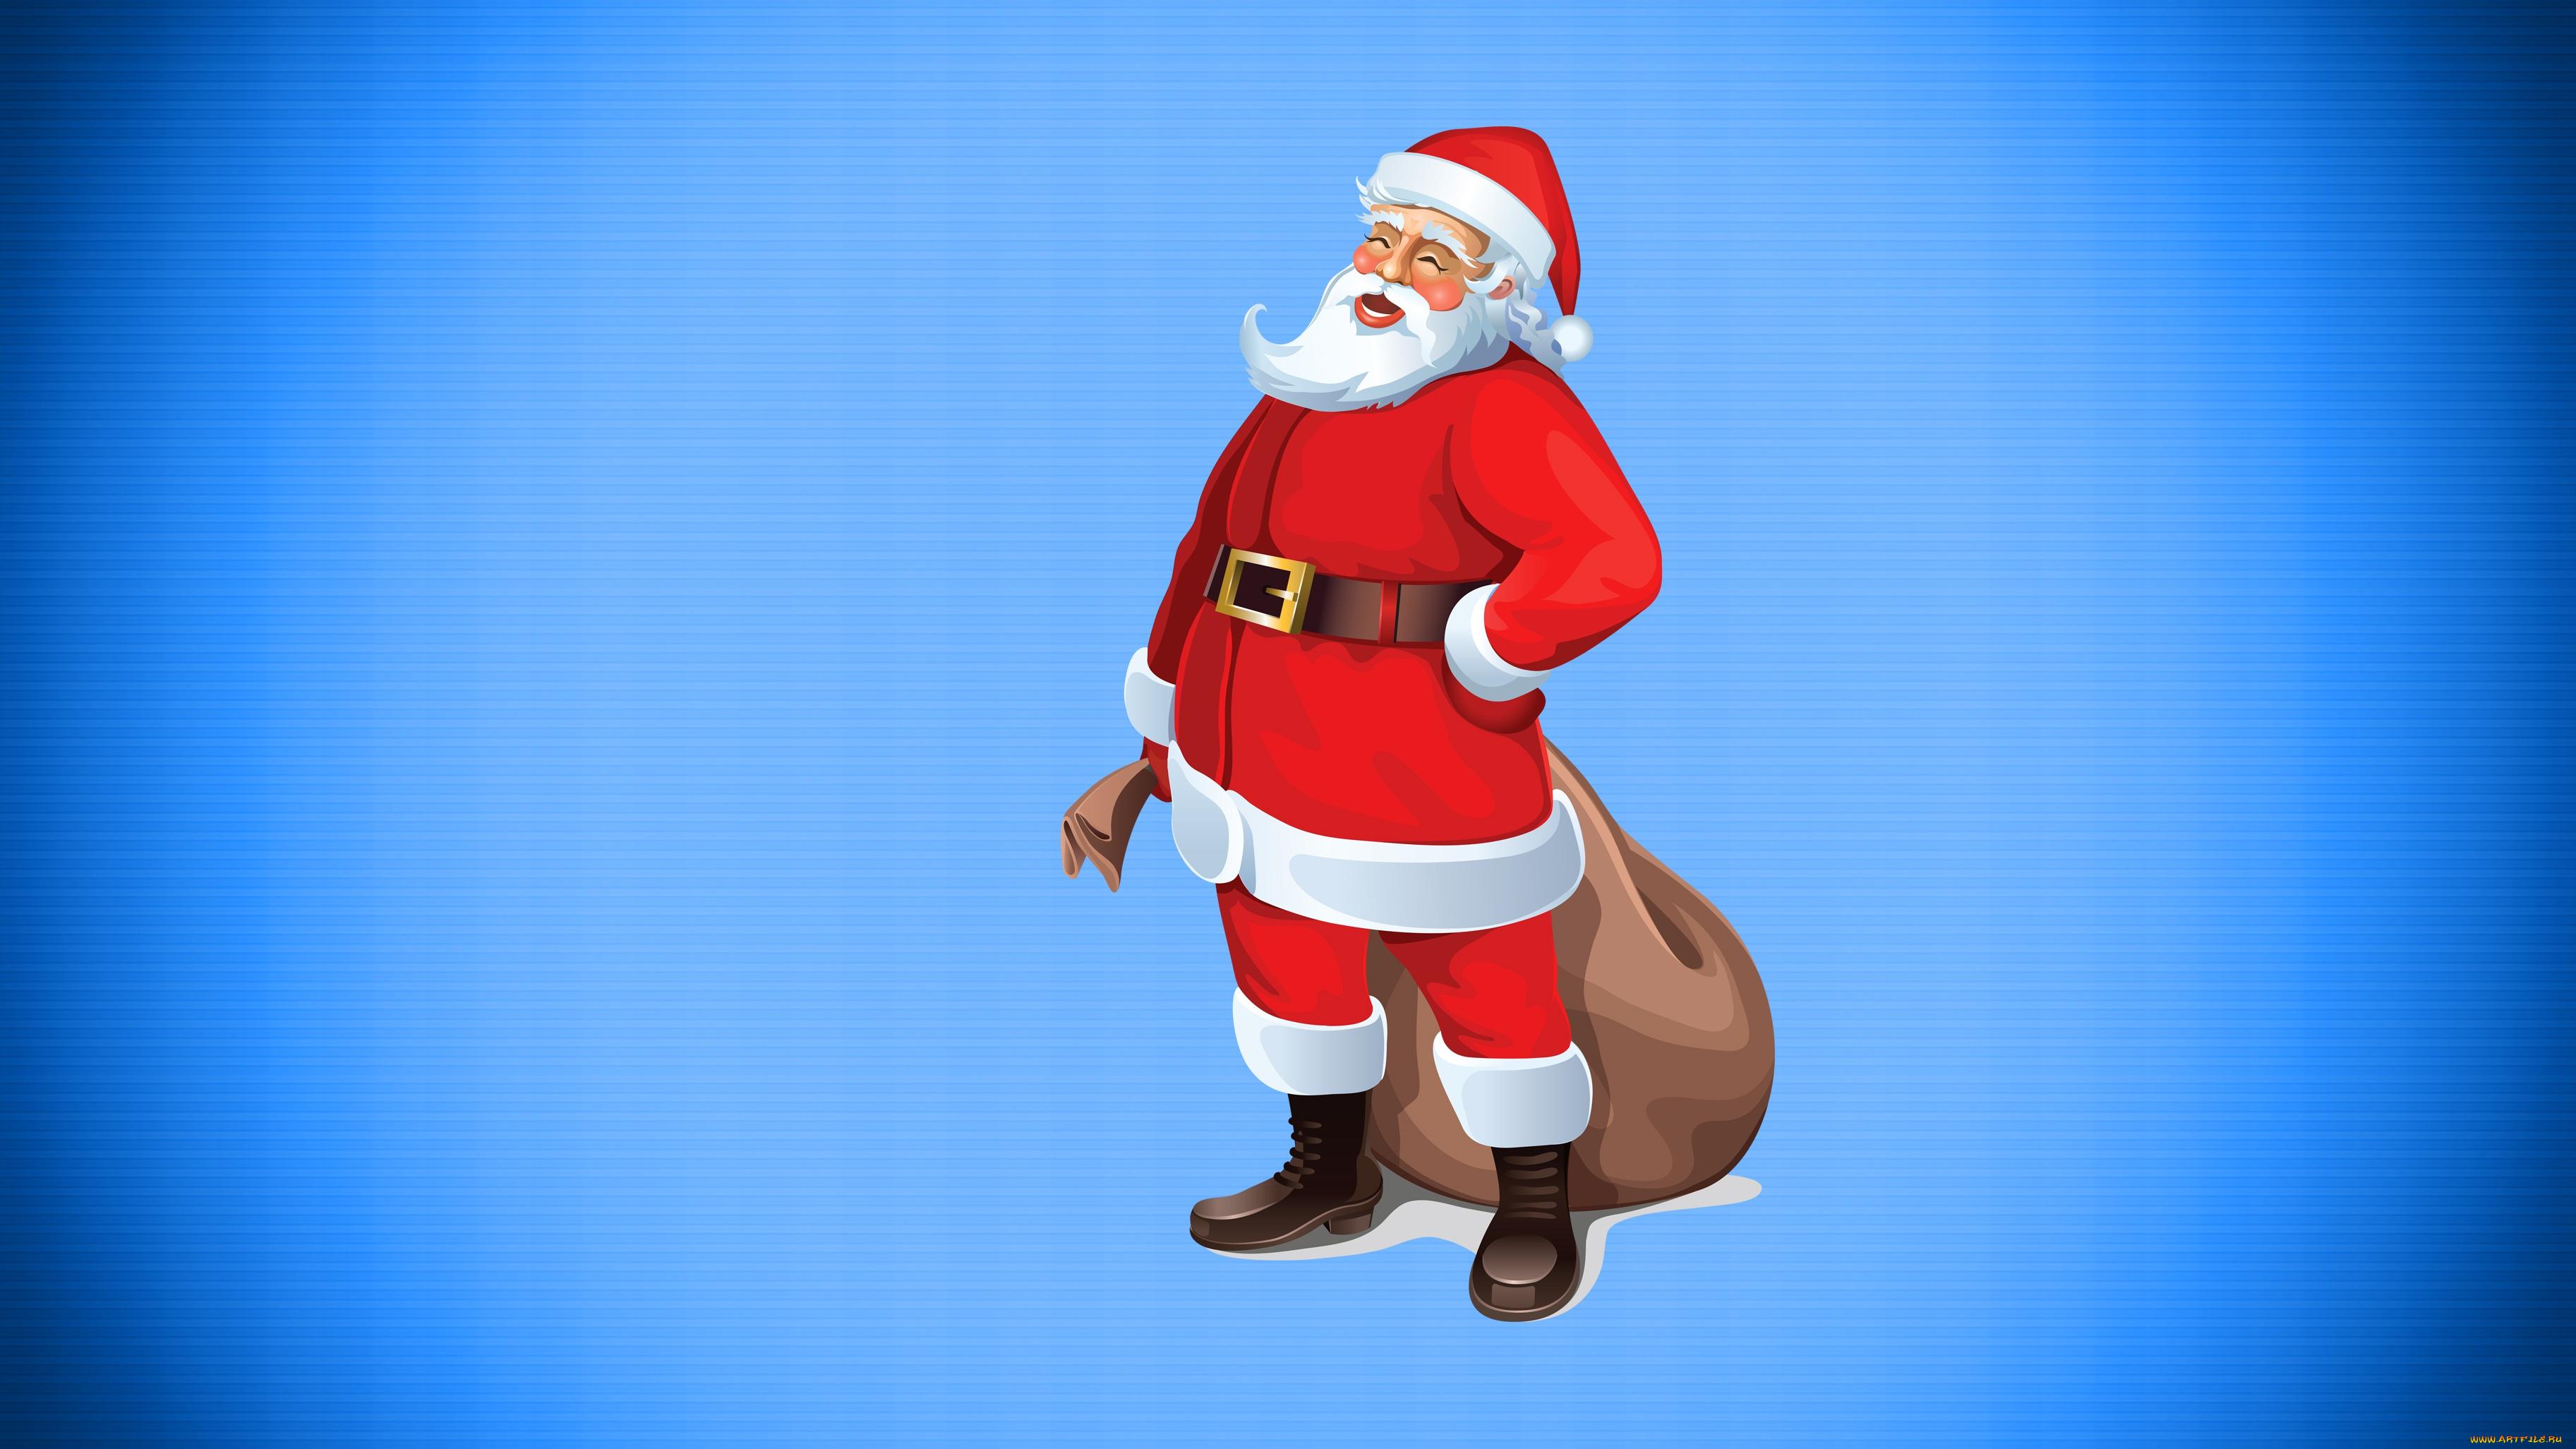 Санта-Клаус  № 967534 бесплатно